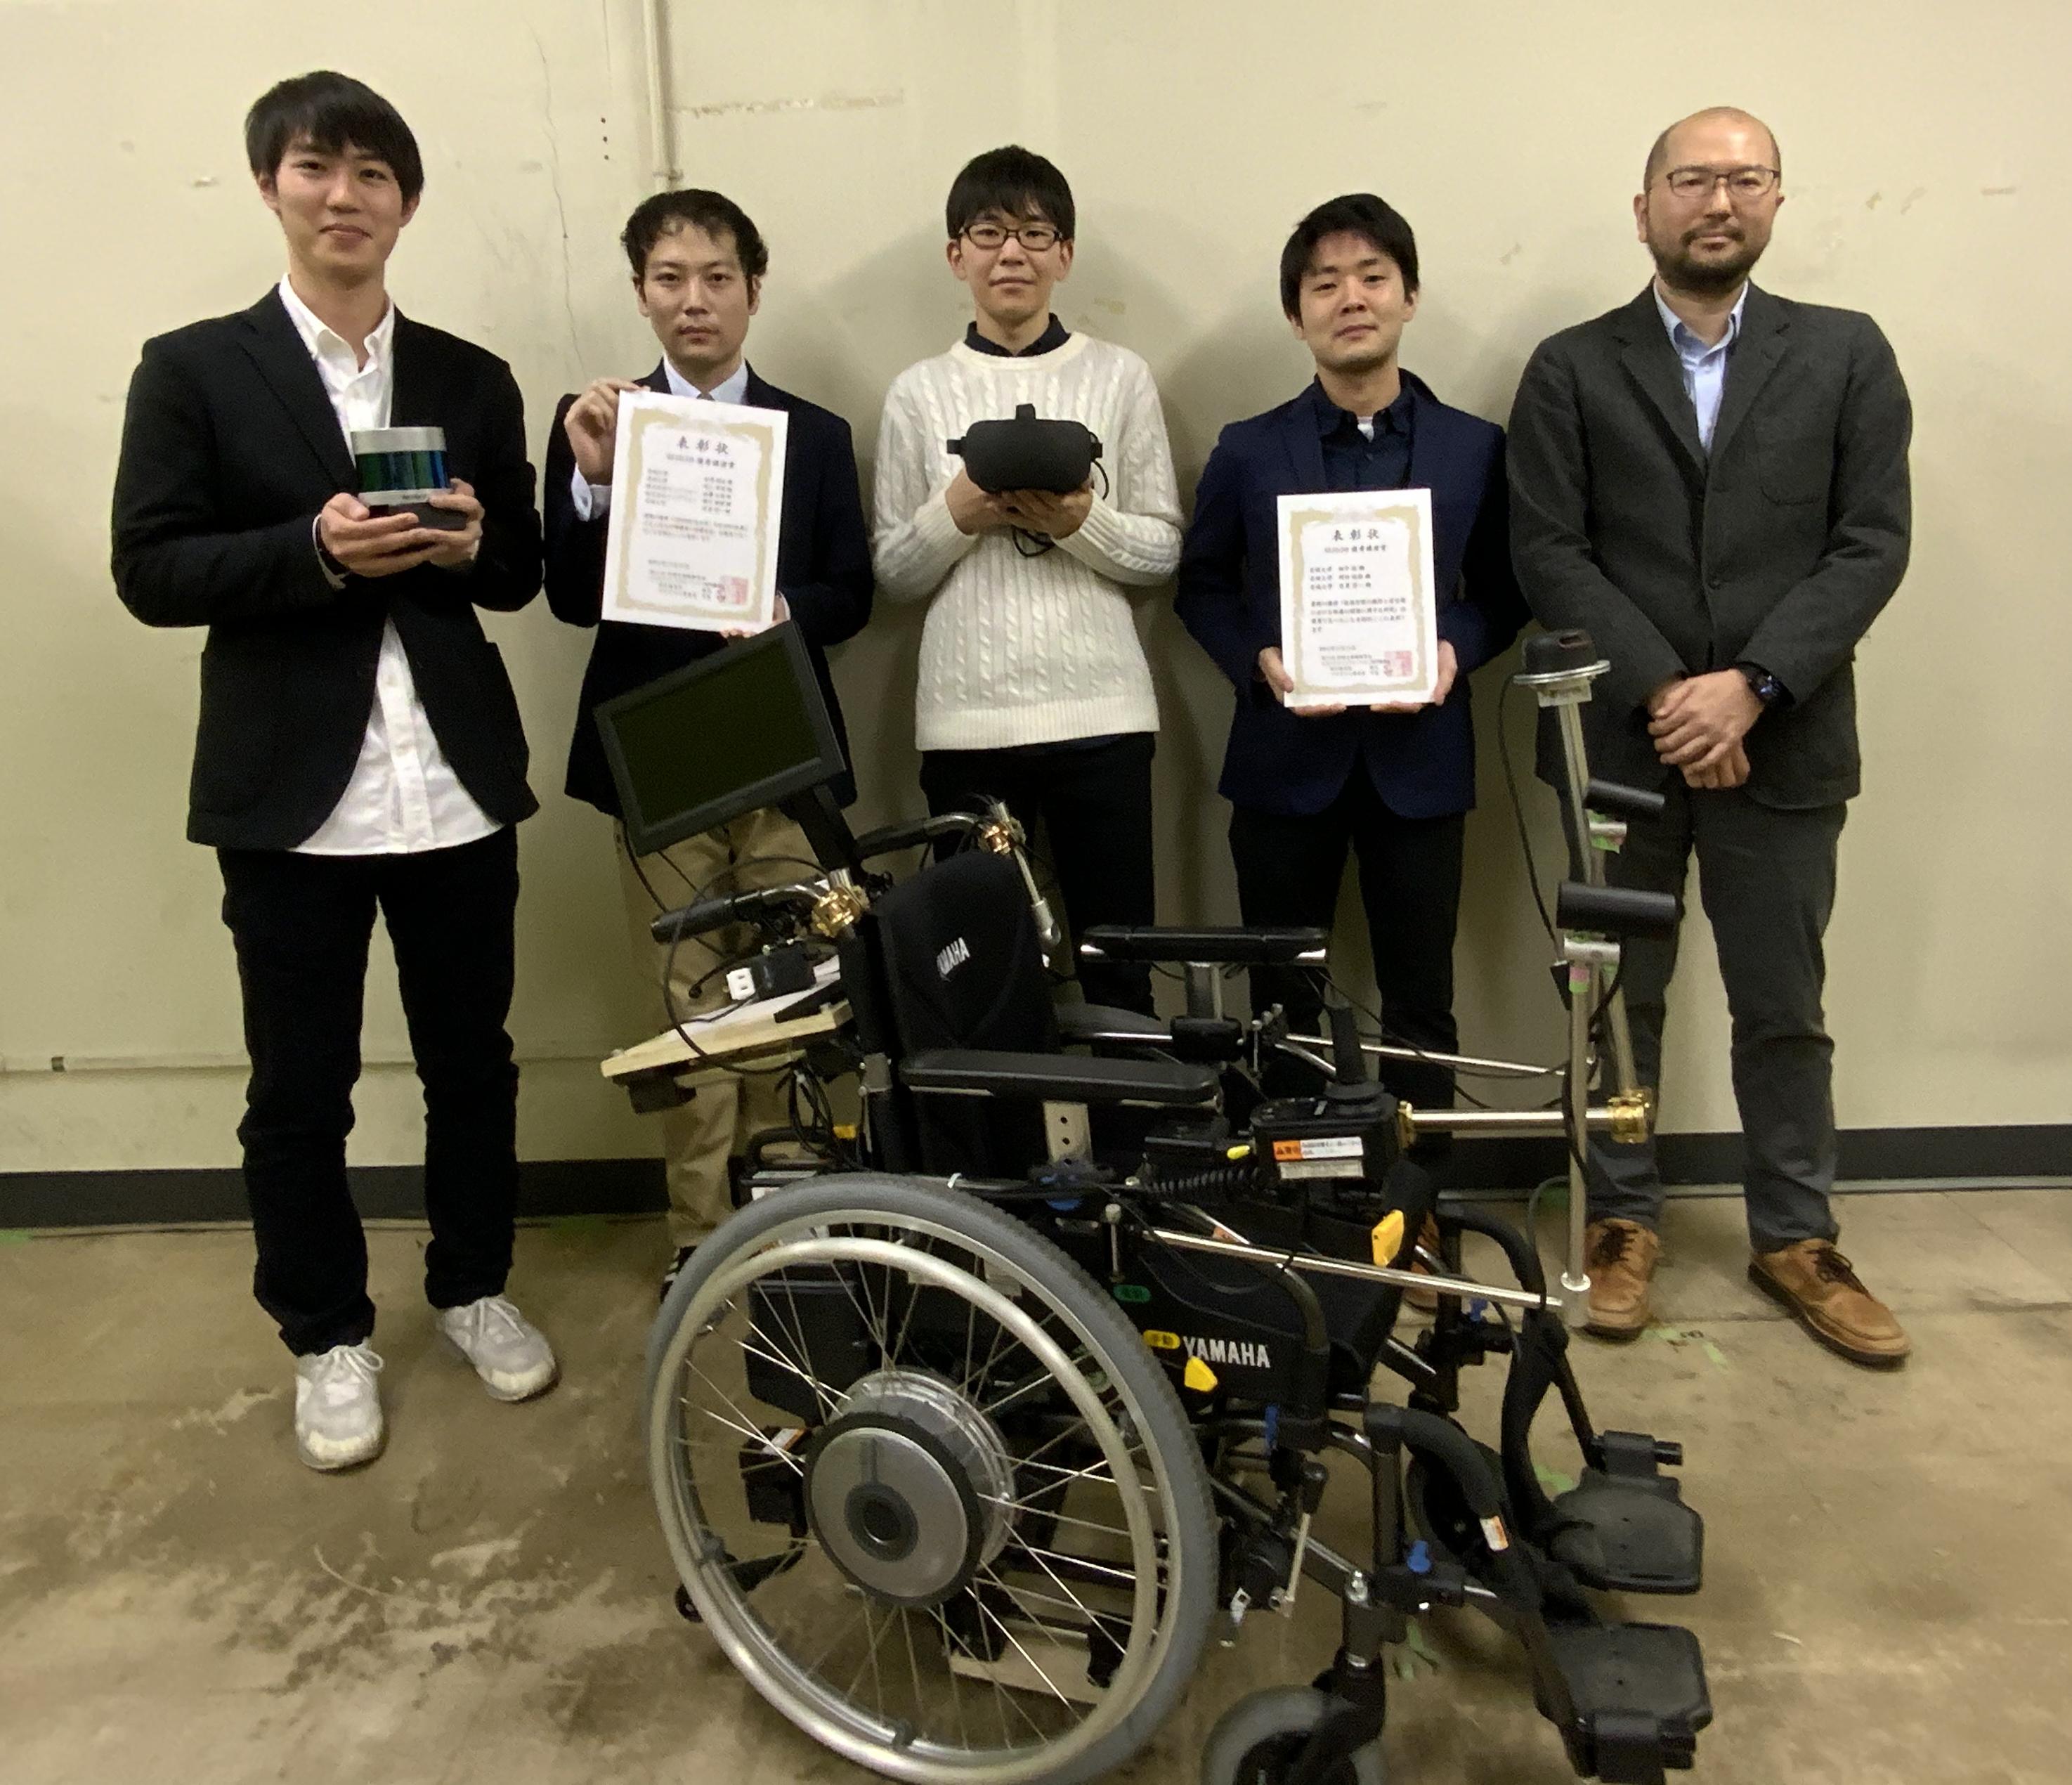 (左から)村上さん、松尾さん、岡田さん、畑中さん、目黒准教授